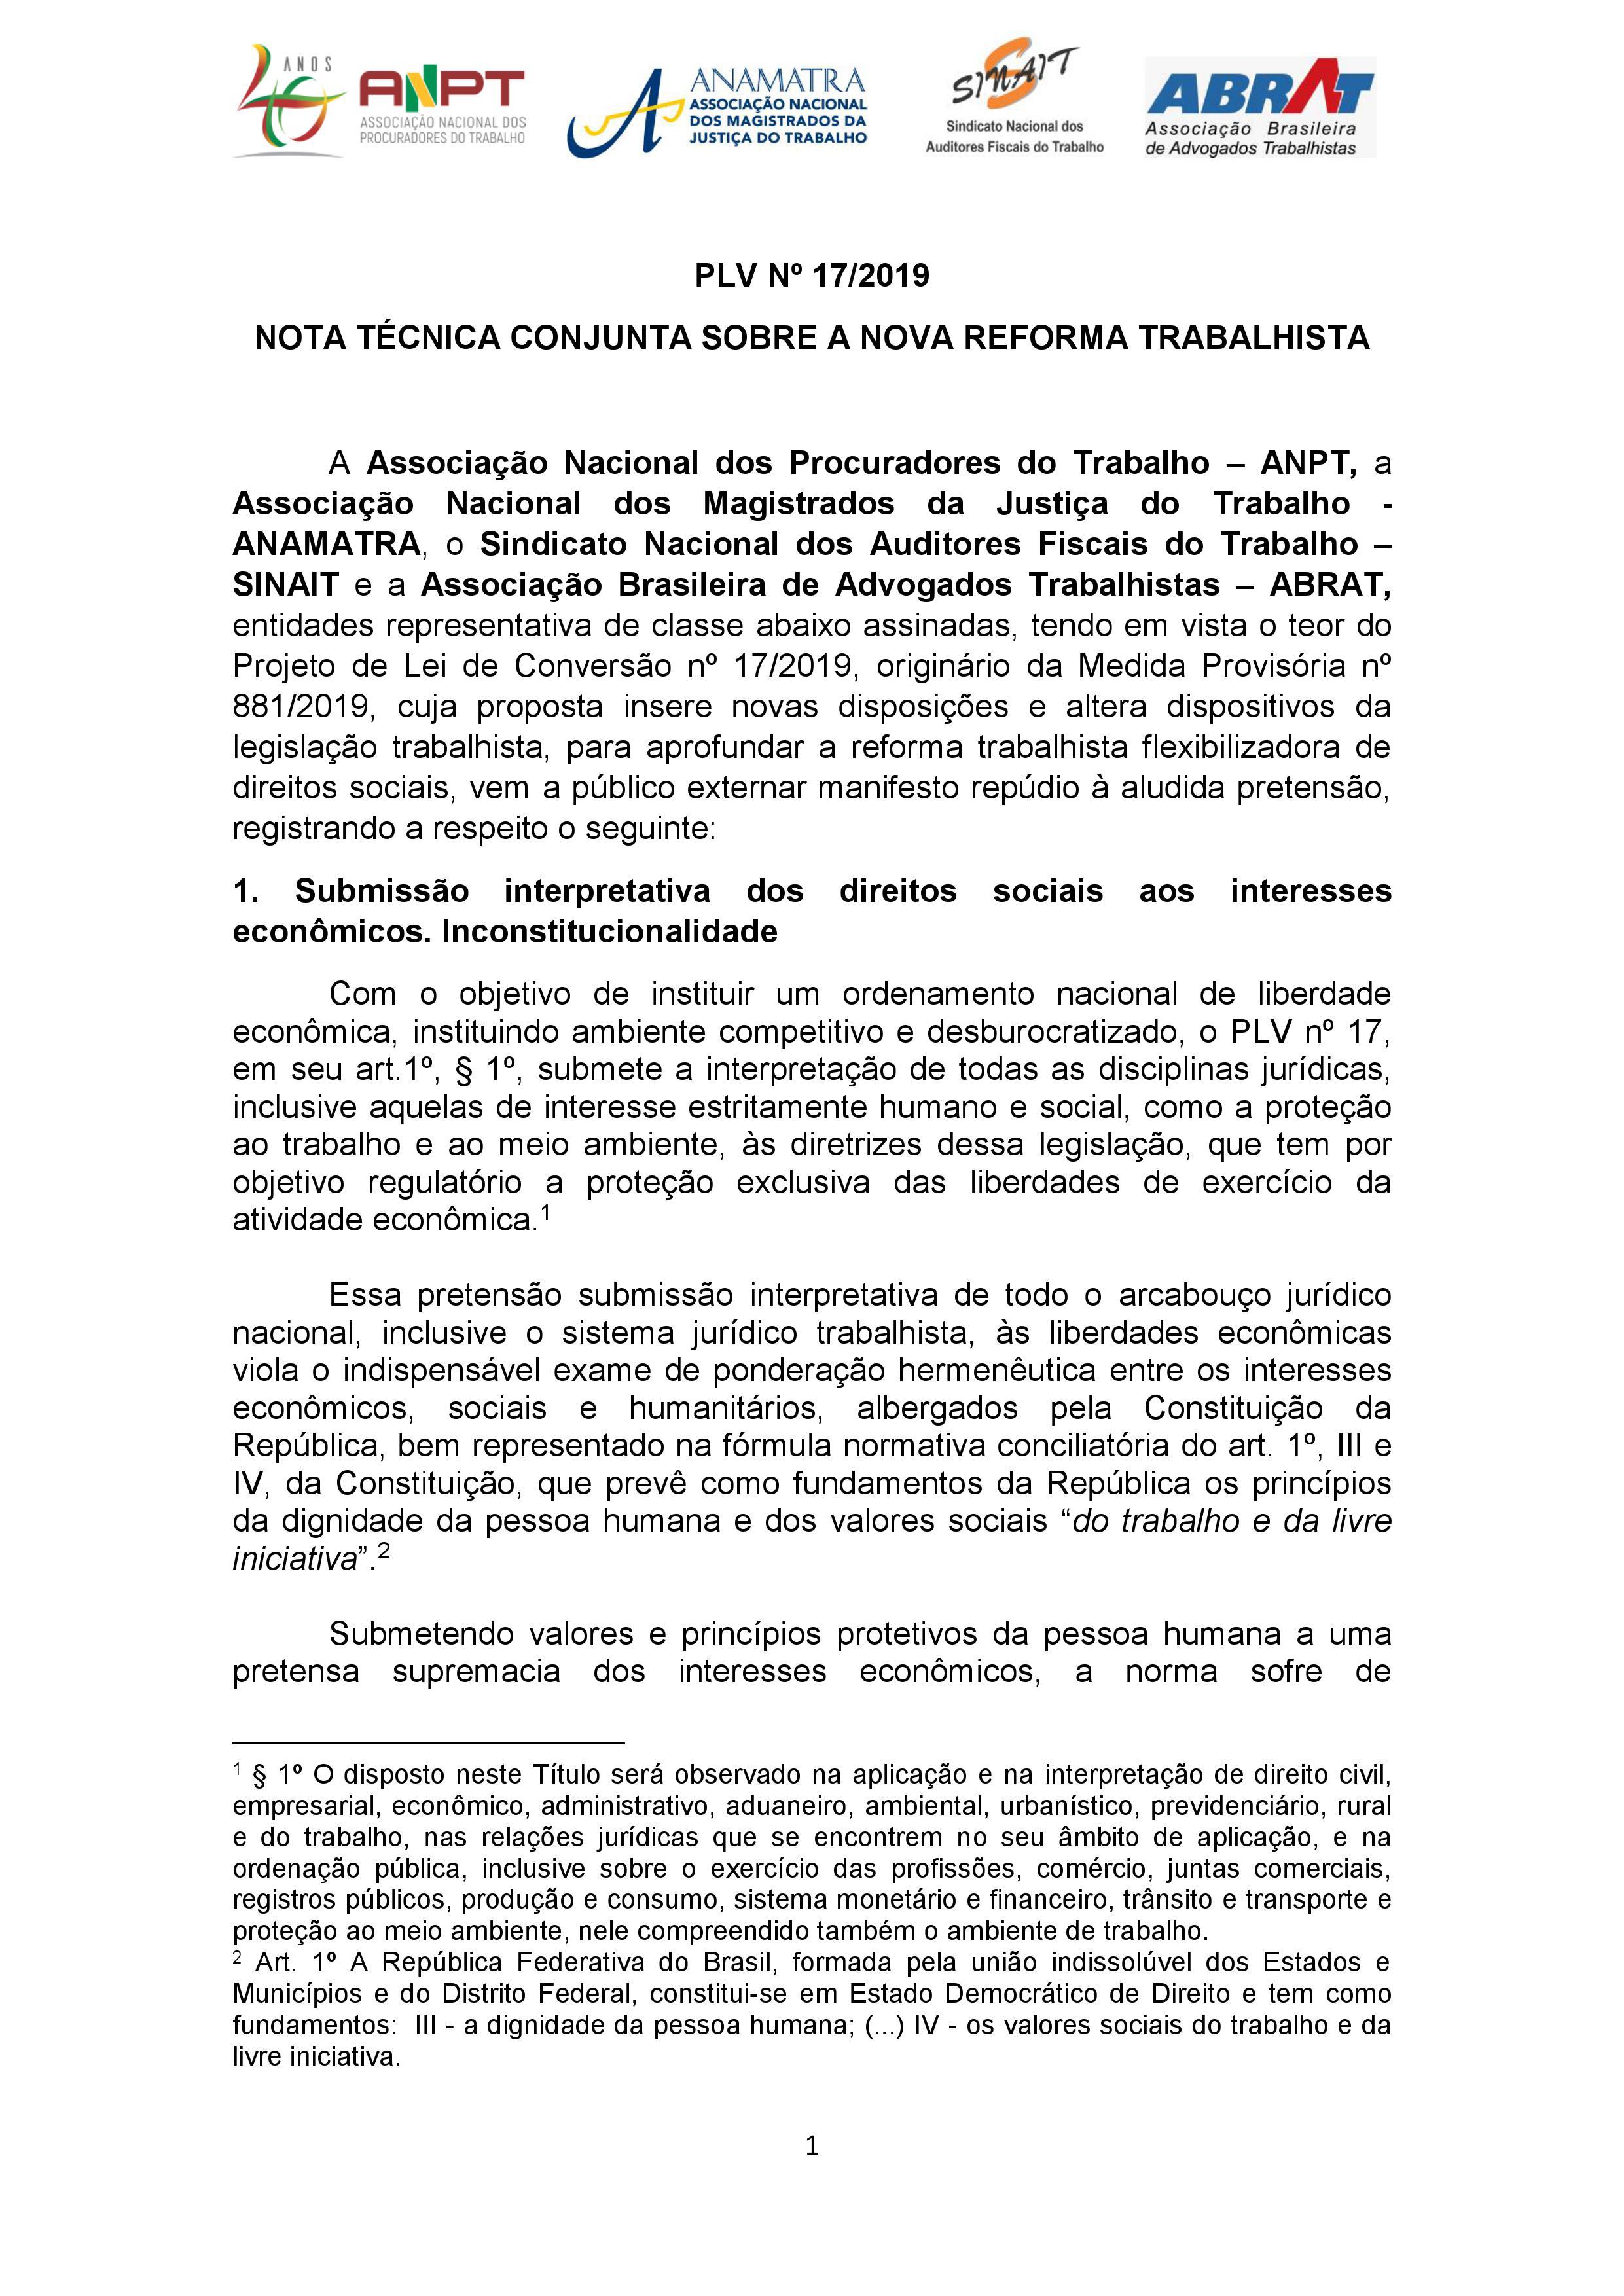 CSB Entidades, representativas da justiça do trabalho, emitem nota